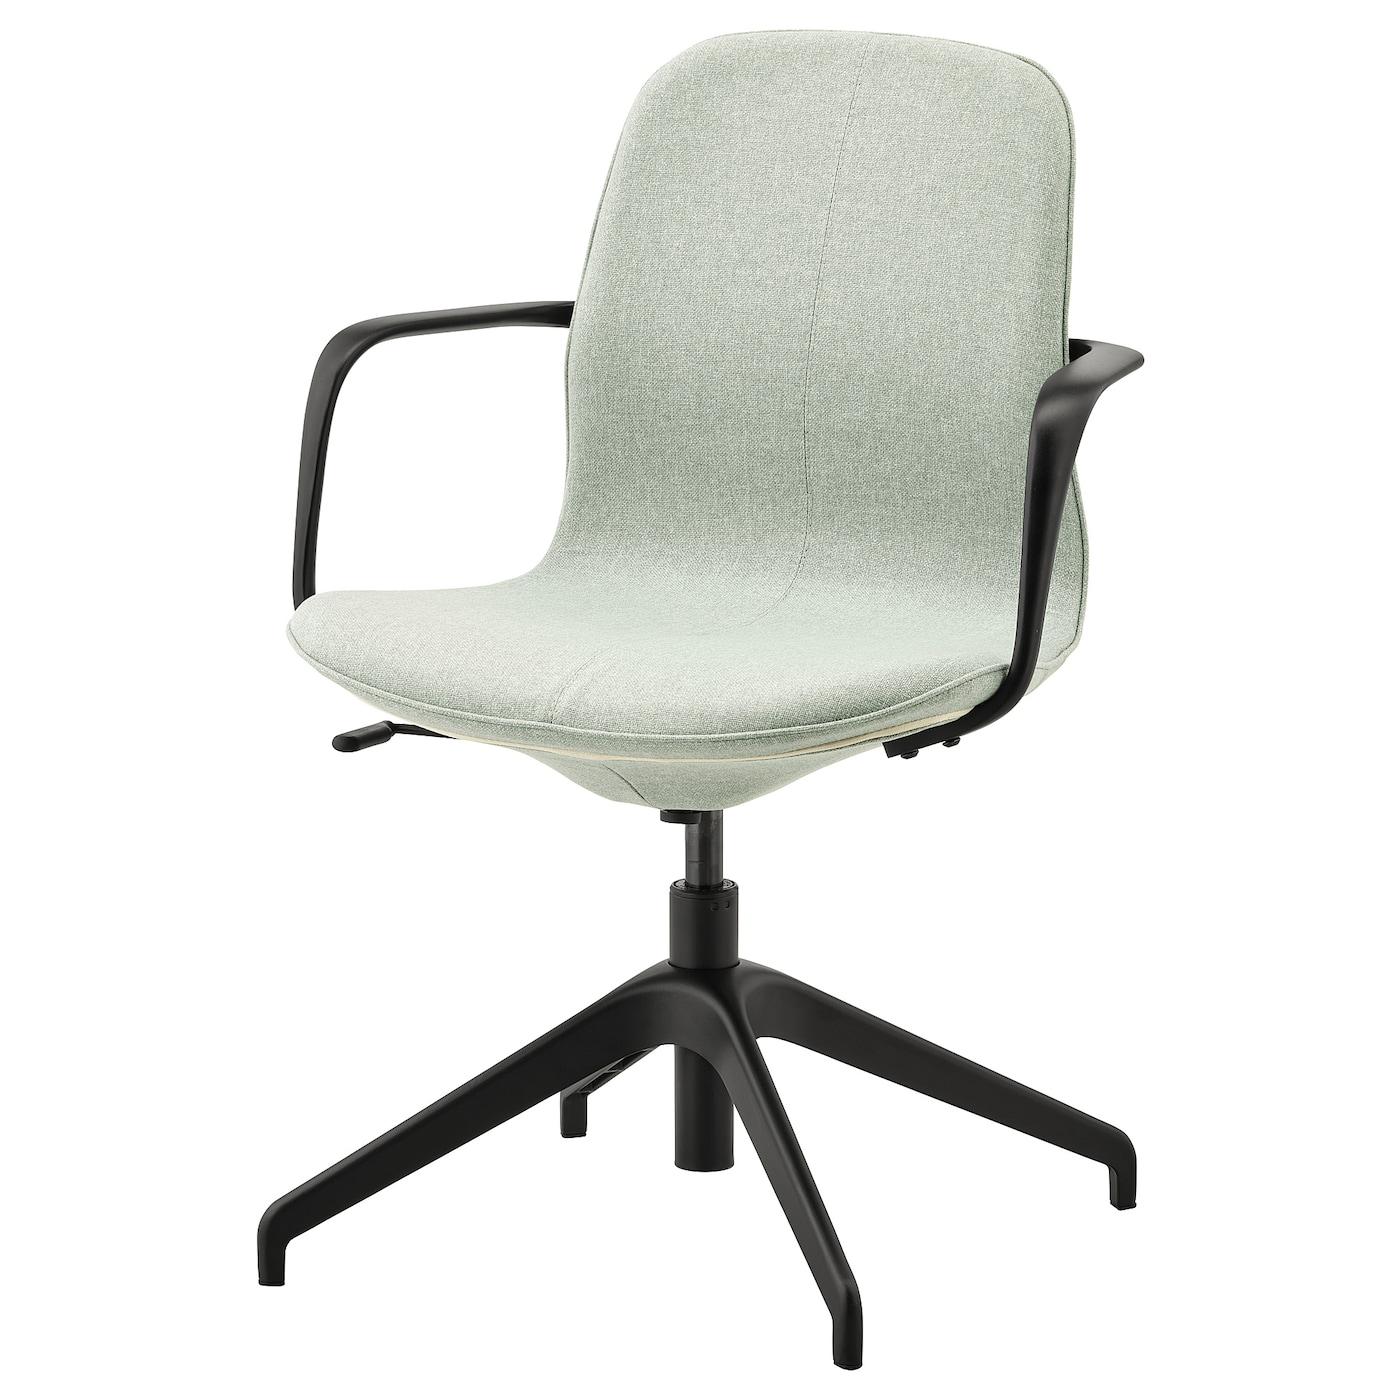 IKEA LÅNGFJÄLL Krzesło konferencyjne z podłokiet., Gunnared jasnozielony, czarny